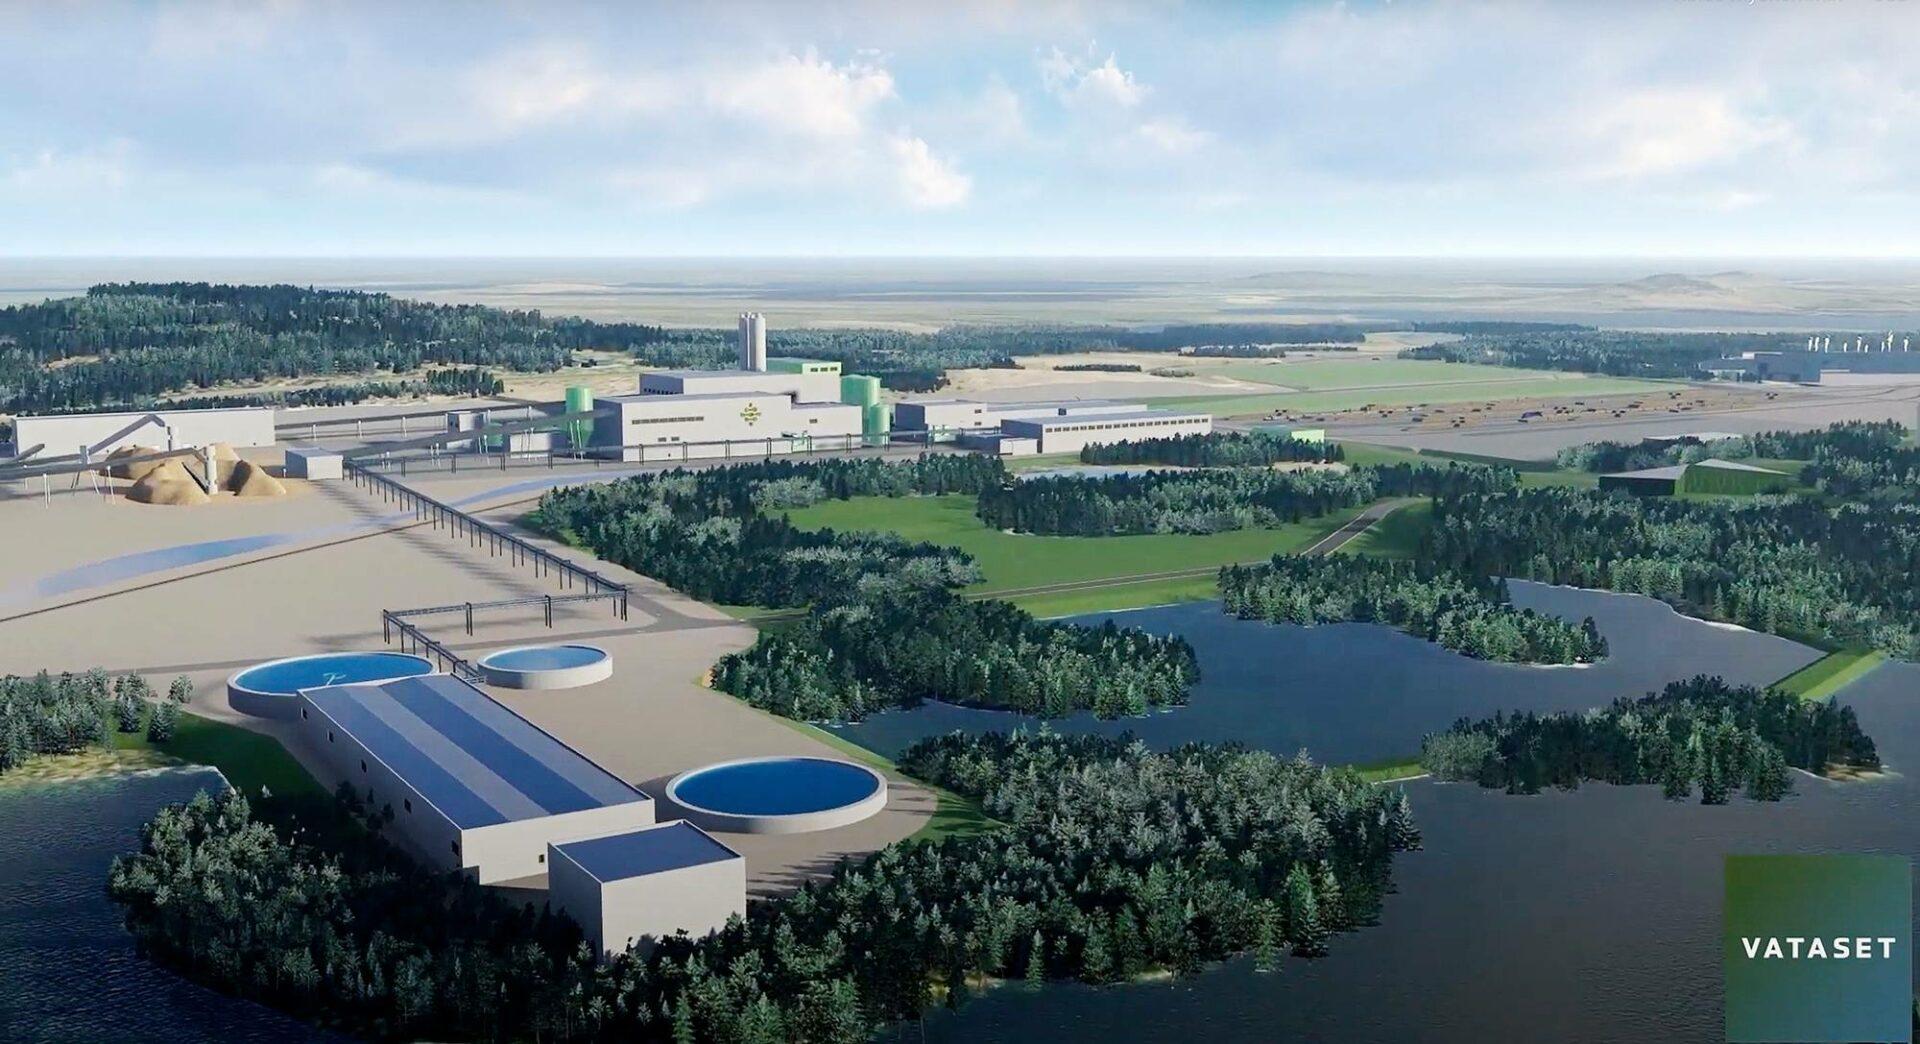 Tehdasta suunnitellaan Kemijärven Patokankaan alueelle lähelle entisen tehtaan paikkaa.